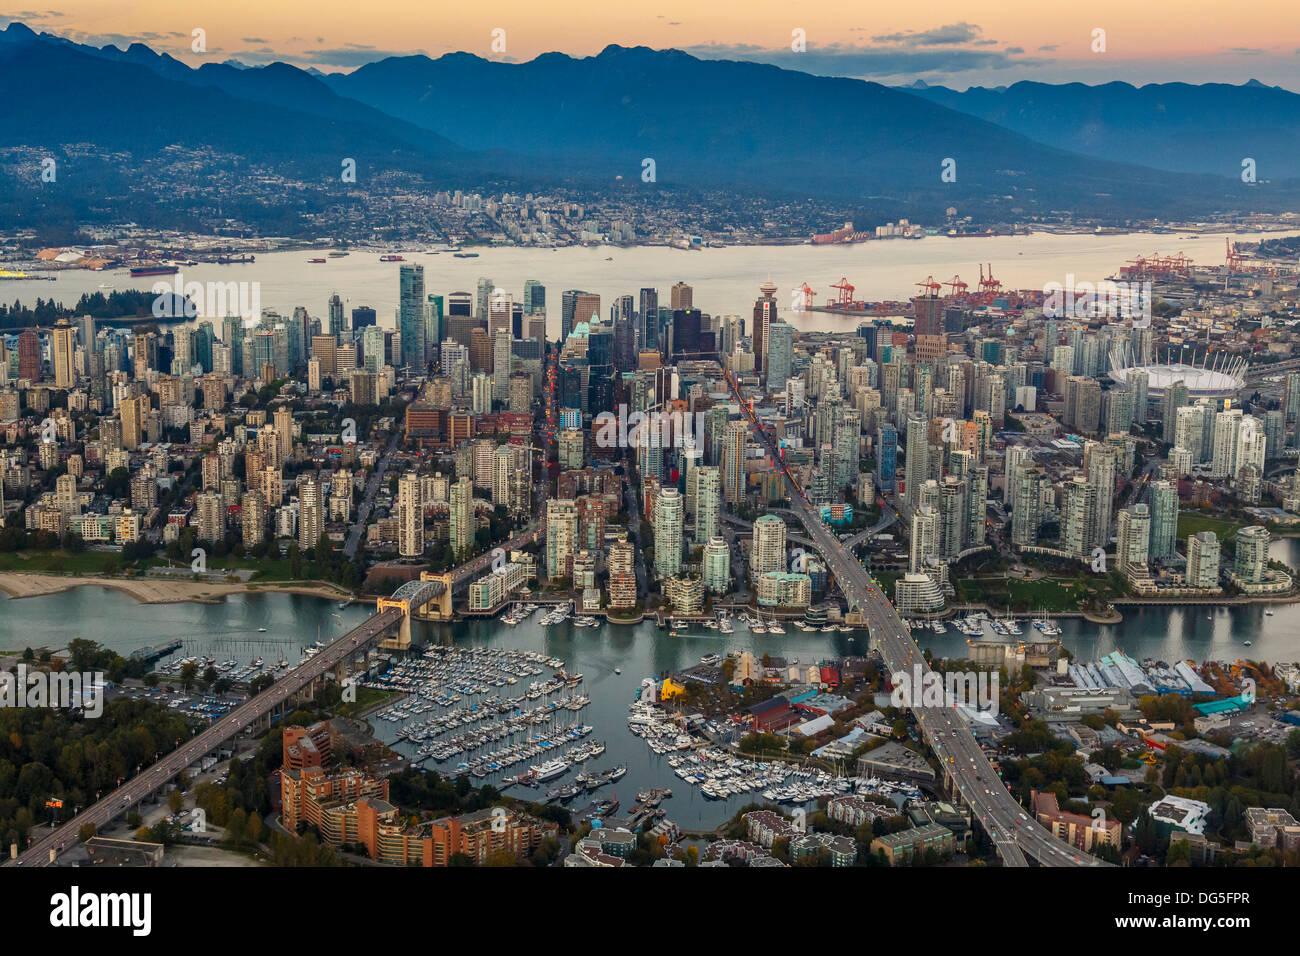 Le centre-ville de Vancouver, Colombie-Britannique, Canada à partir de l'air à l'île Granville Photo Stock